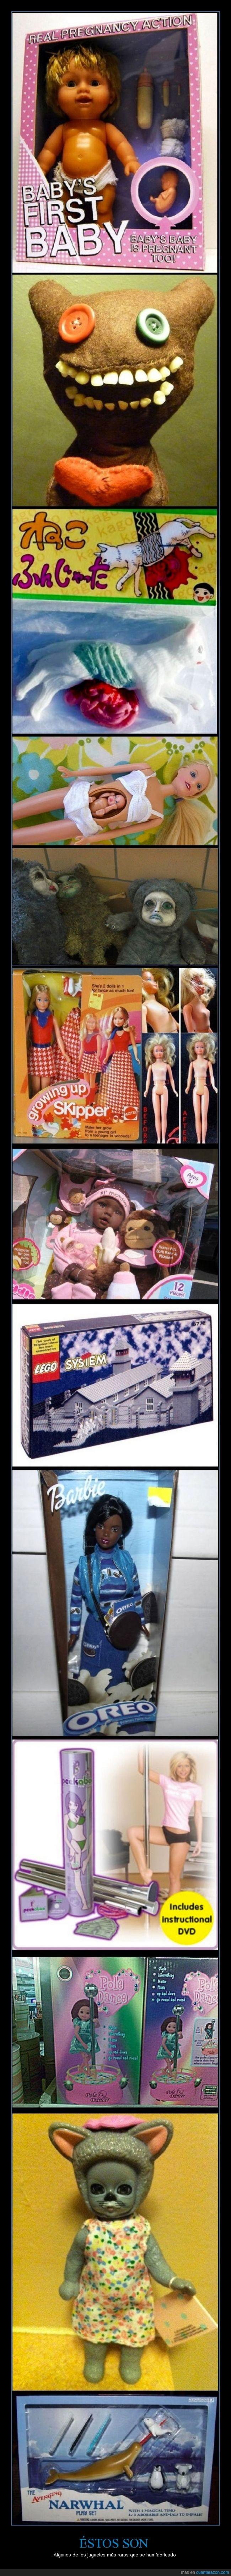 barra,controvertido,jueguetes,polemicos,raro es poco,raros,toys